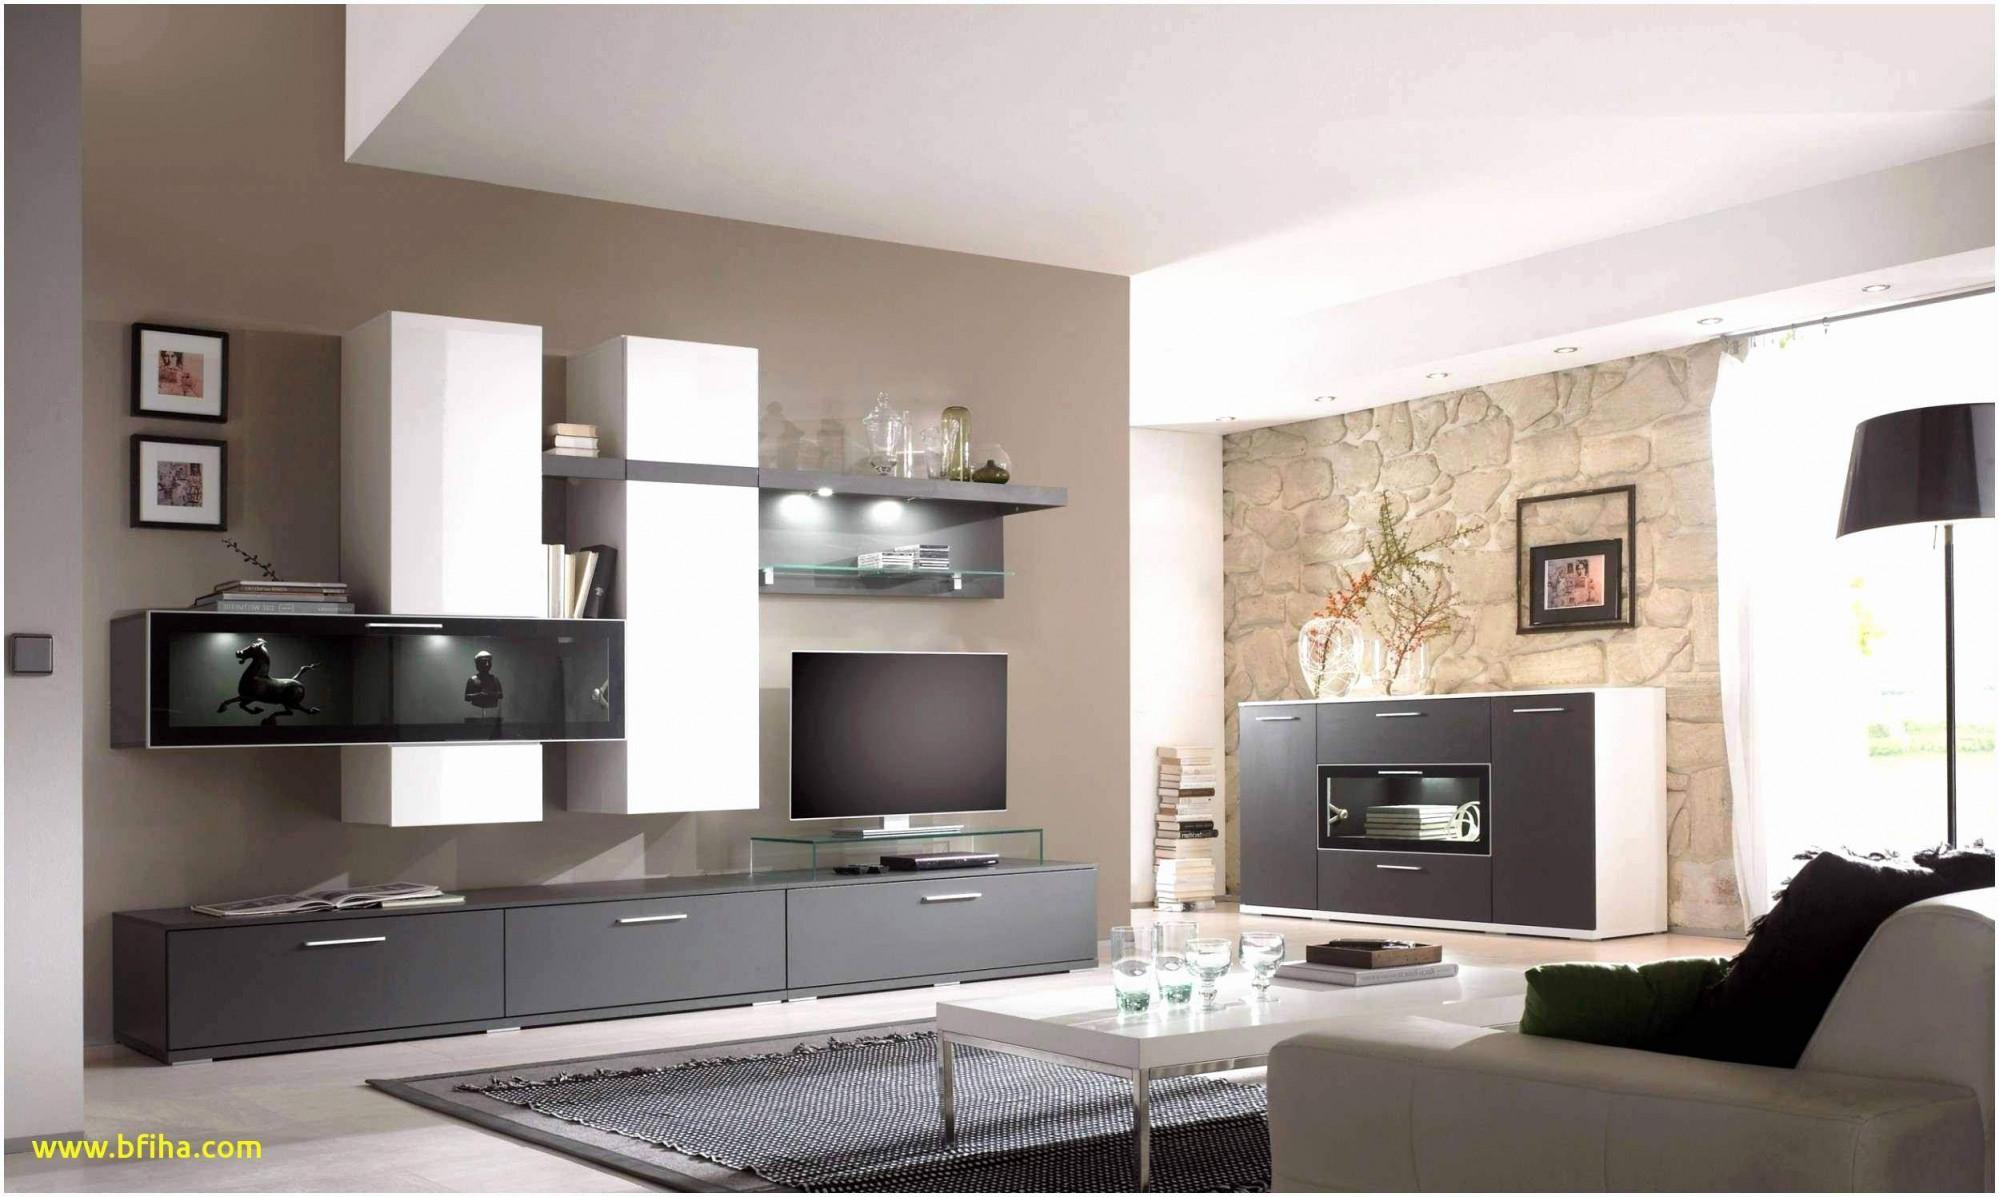 Inneneinrichtung Wohnzimmer Luxus Wohnzimmer Ideen von Inneneinrichtung Ideen Wohnzimmer Bild